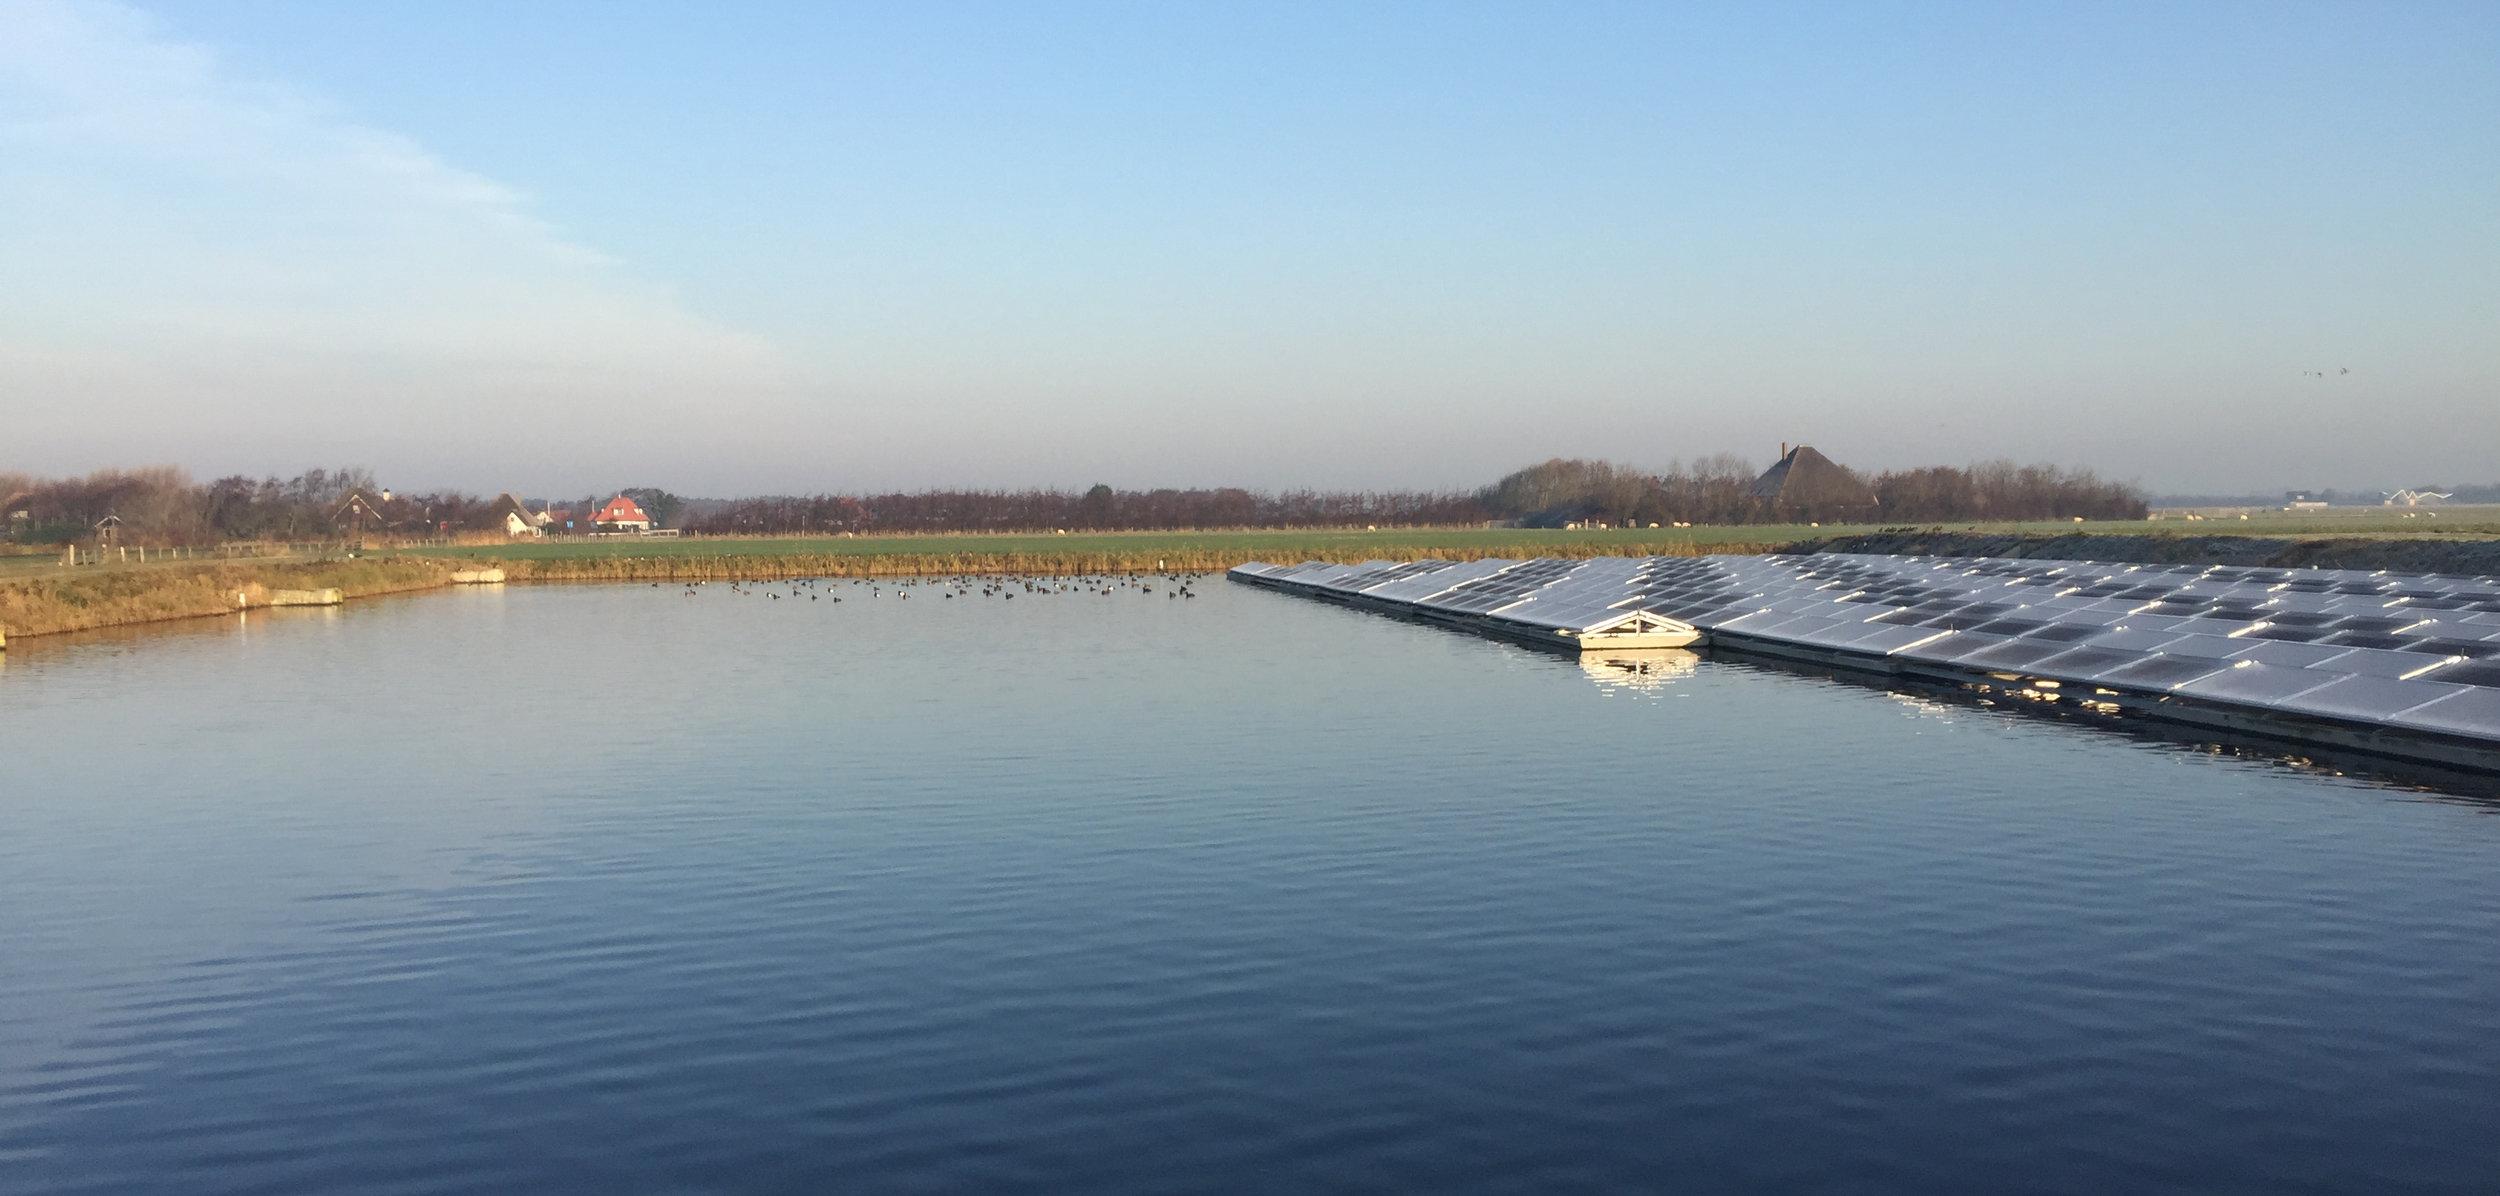 Floating-solar-pv-system-netherlands-nederland-texel-Everstekoog-crop.jpg